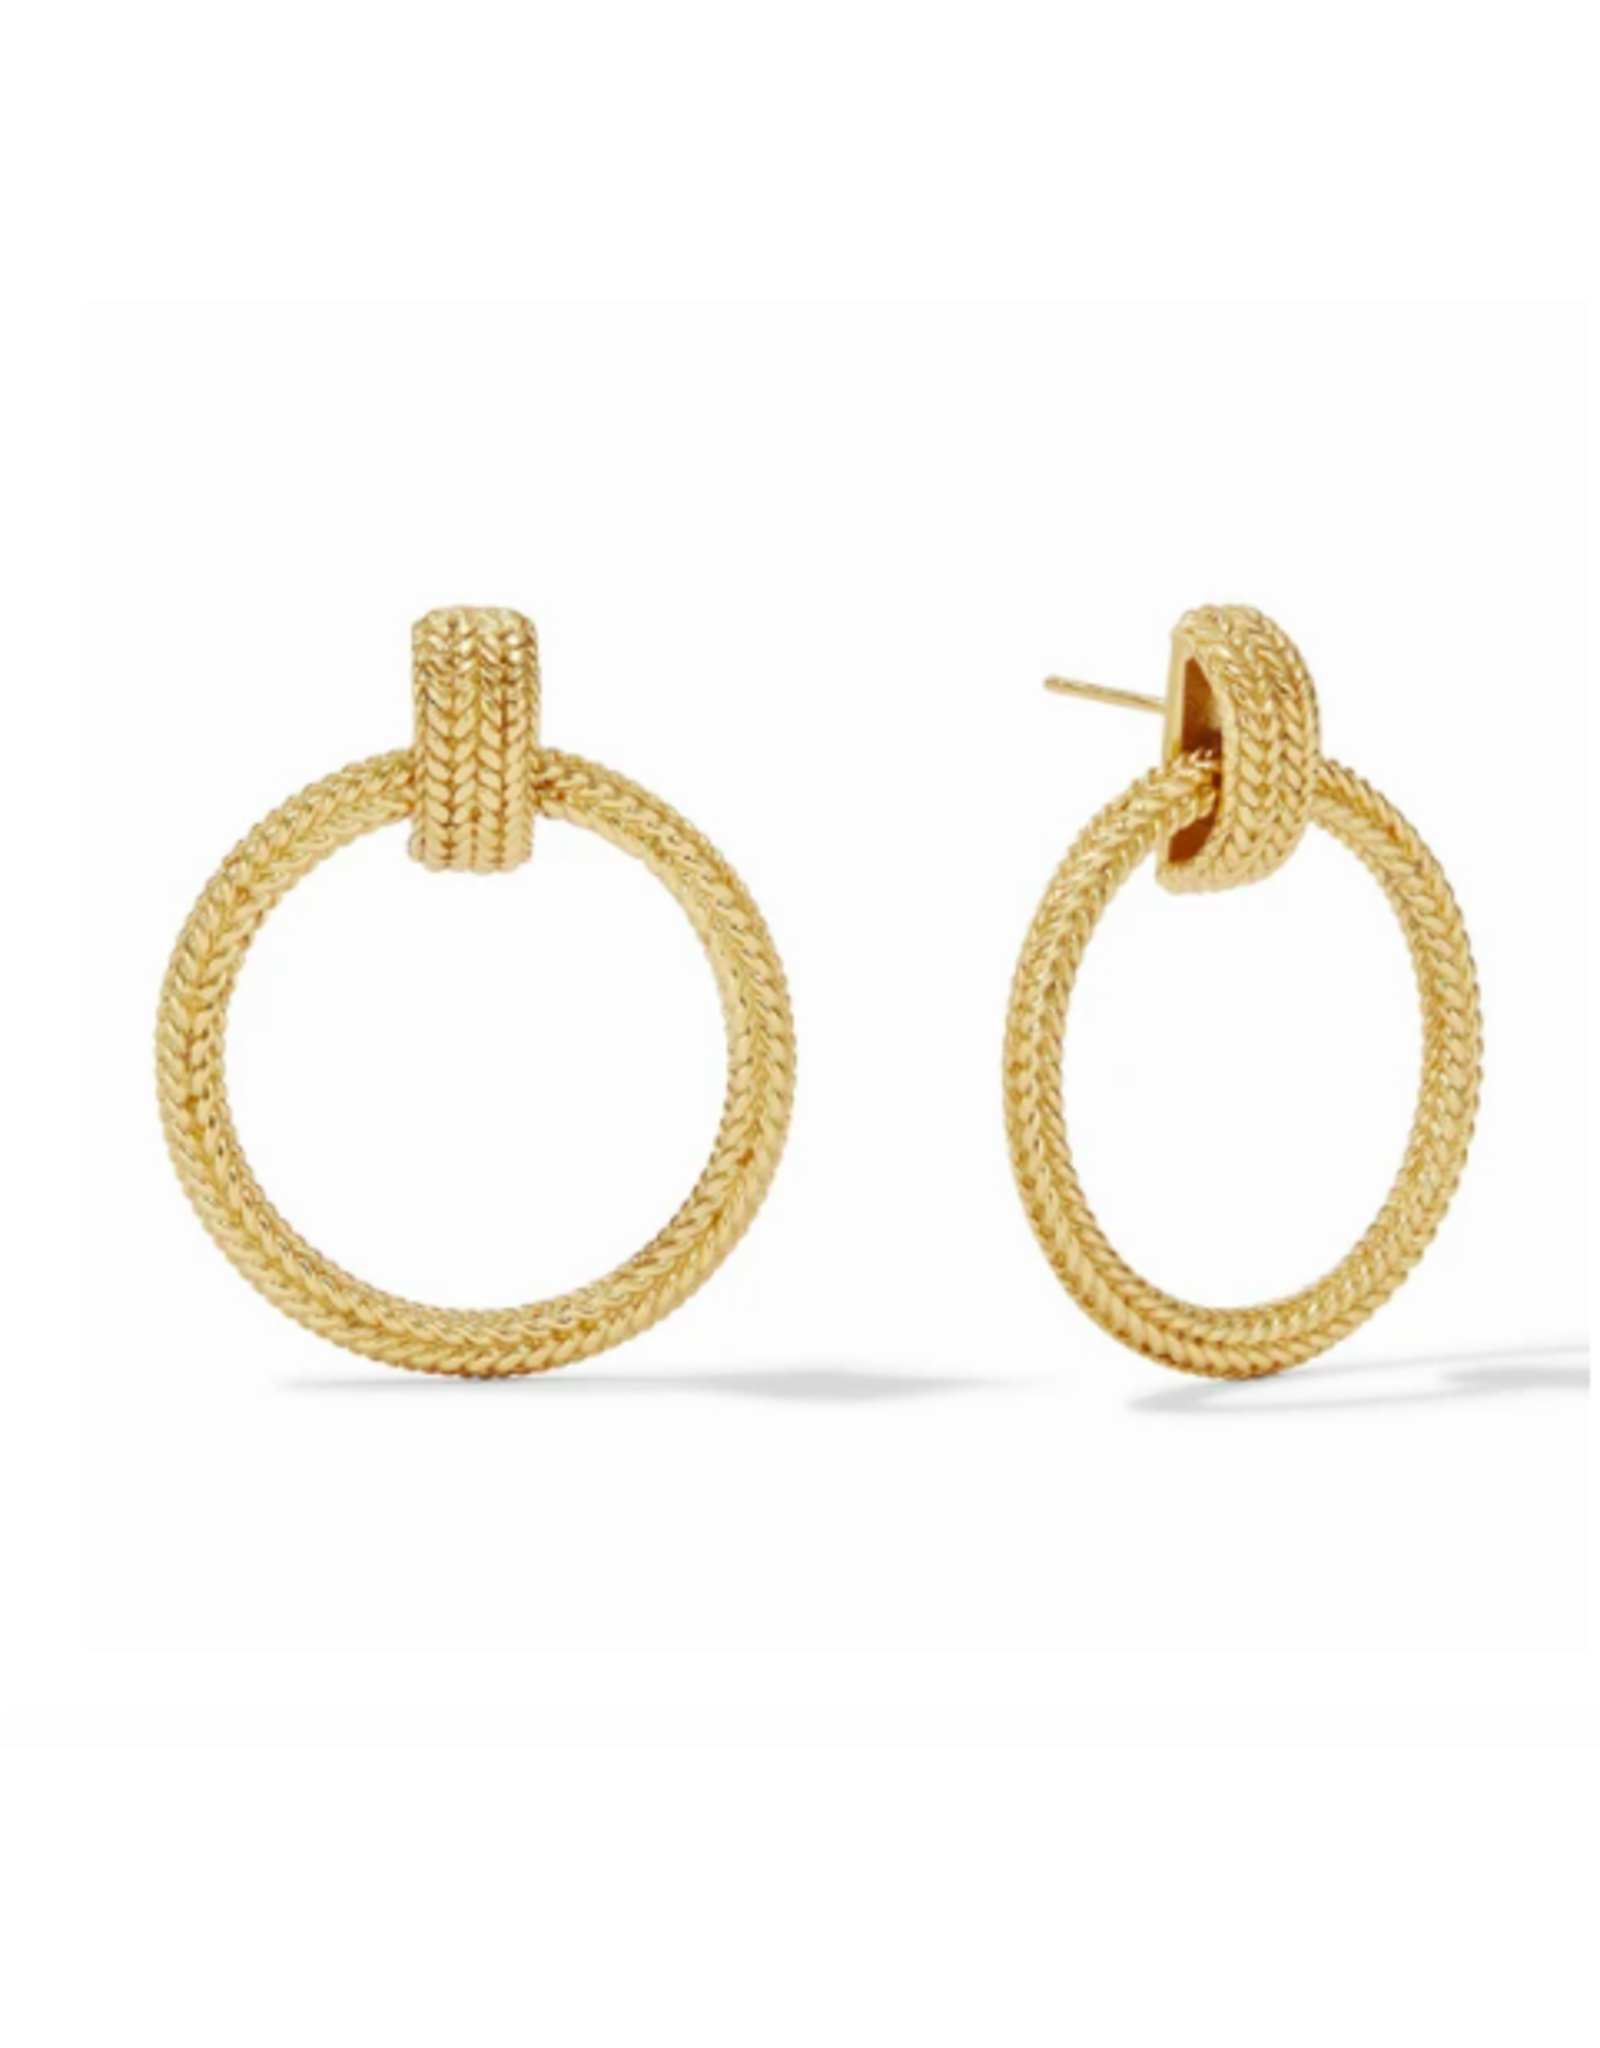 Julie Vos Windsor Doorknocker Earring by Julie Vos